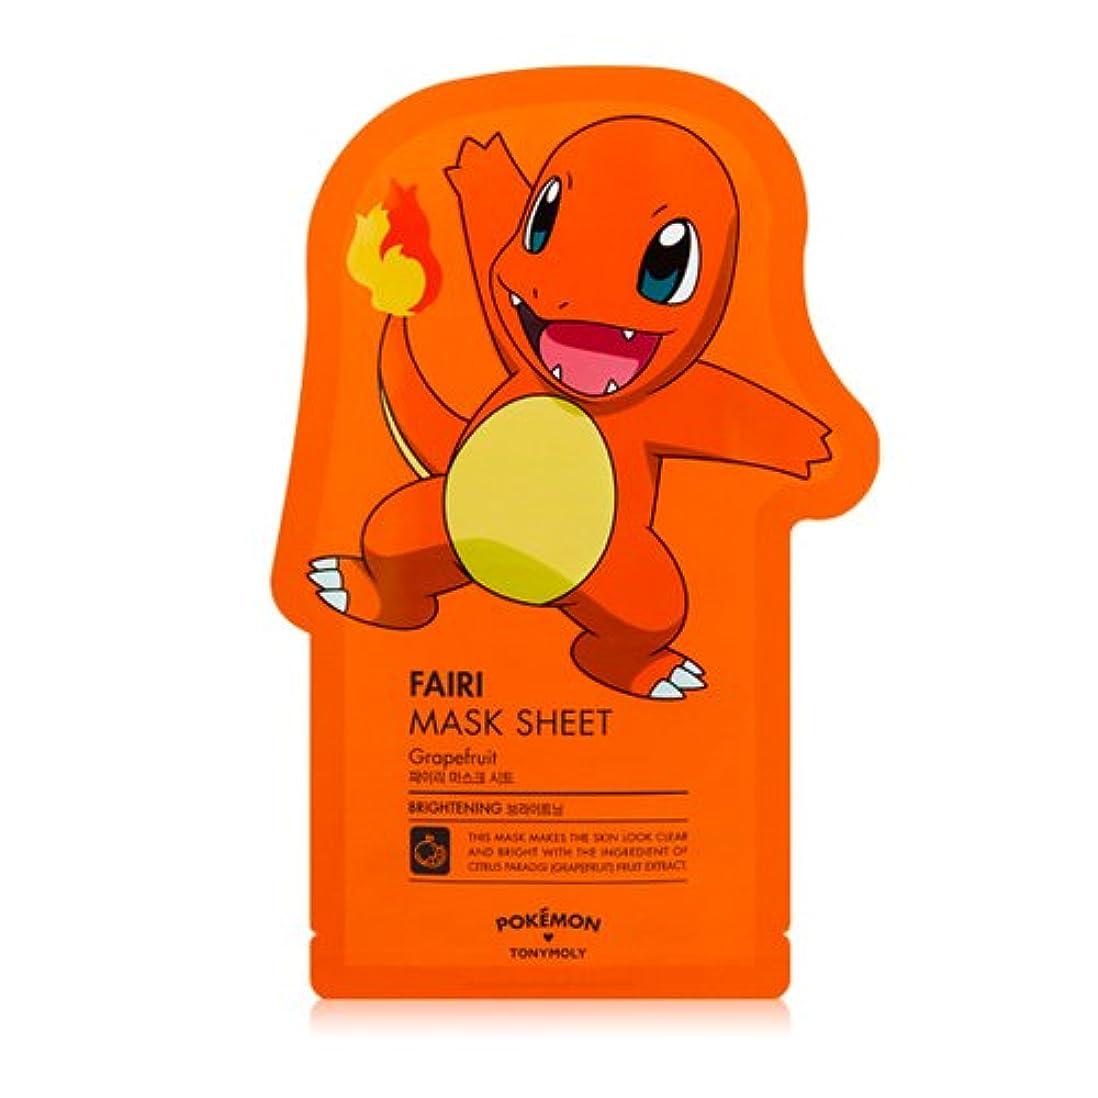 常にスカウトうんざりTONYMOLY x Pokemon Charmander/Fairi Mask Sheet (並行輸入品)